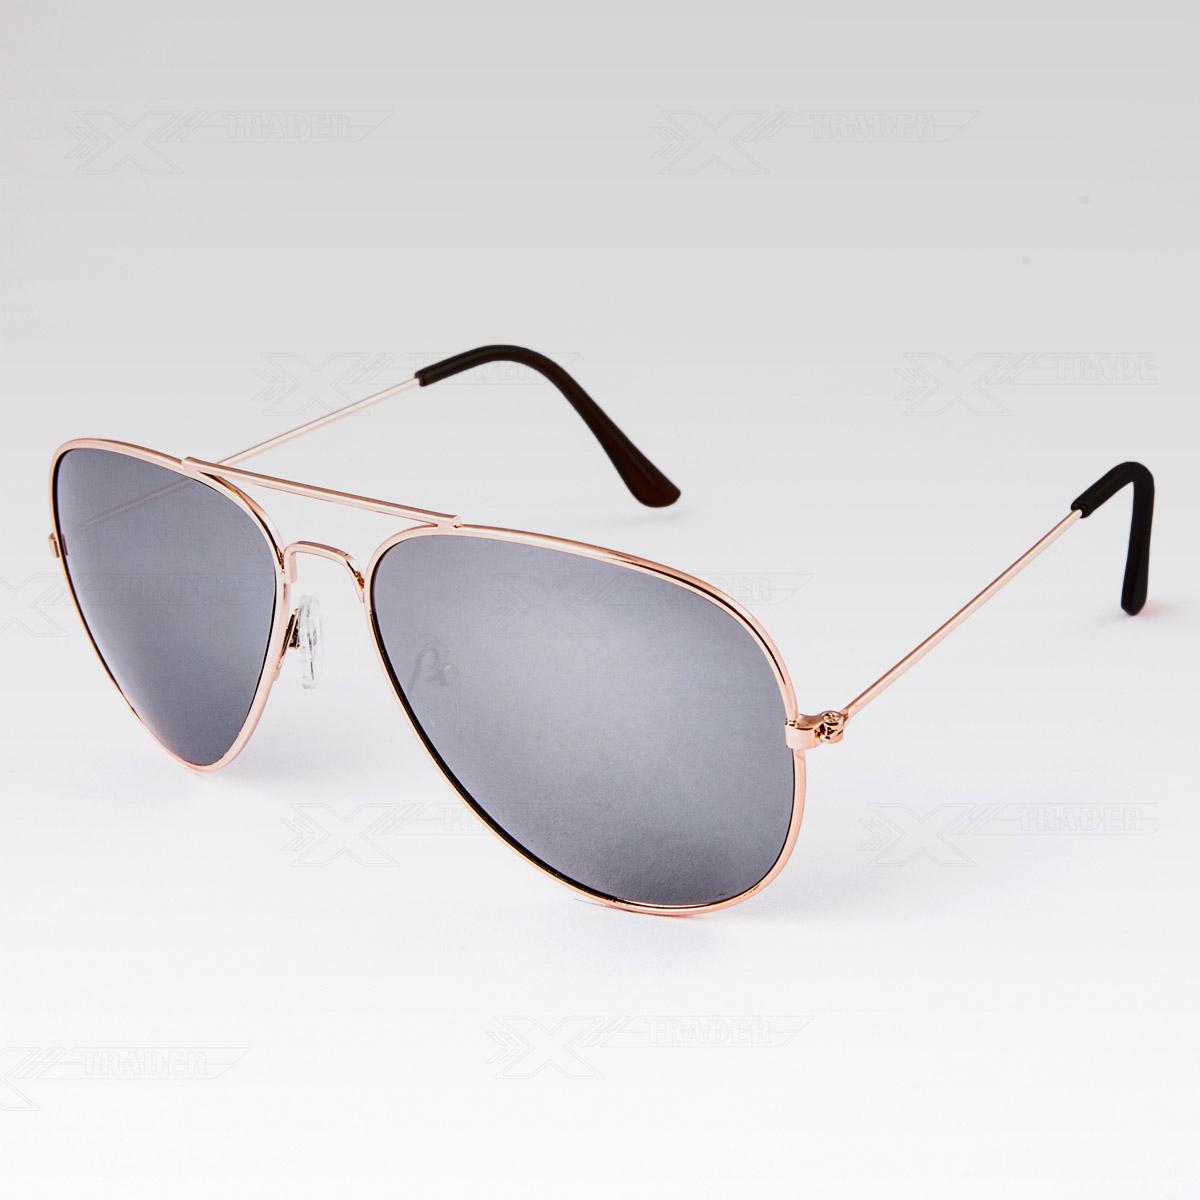 Sluneční brýle Pilotky zrcadlovky zlaté obroučky stříbrné